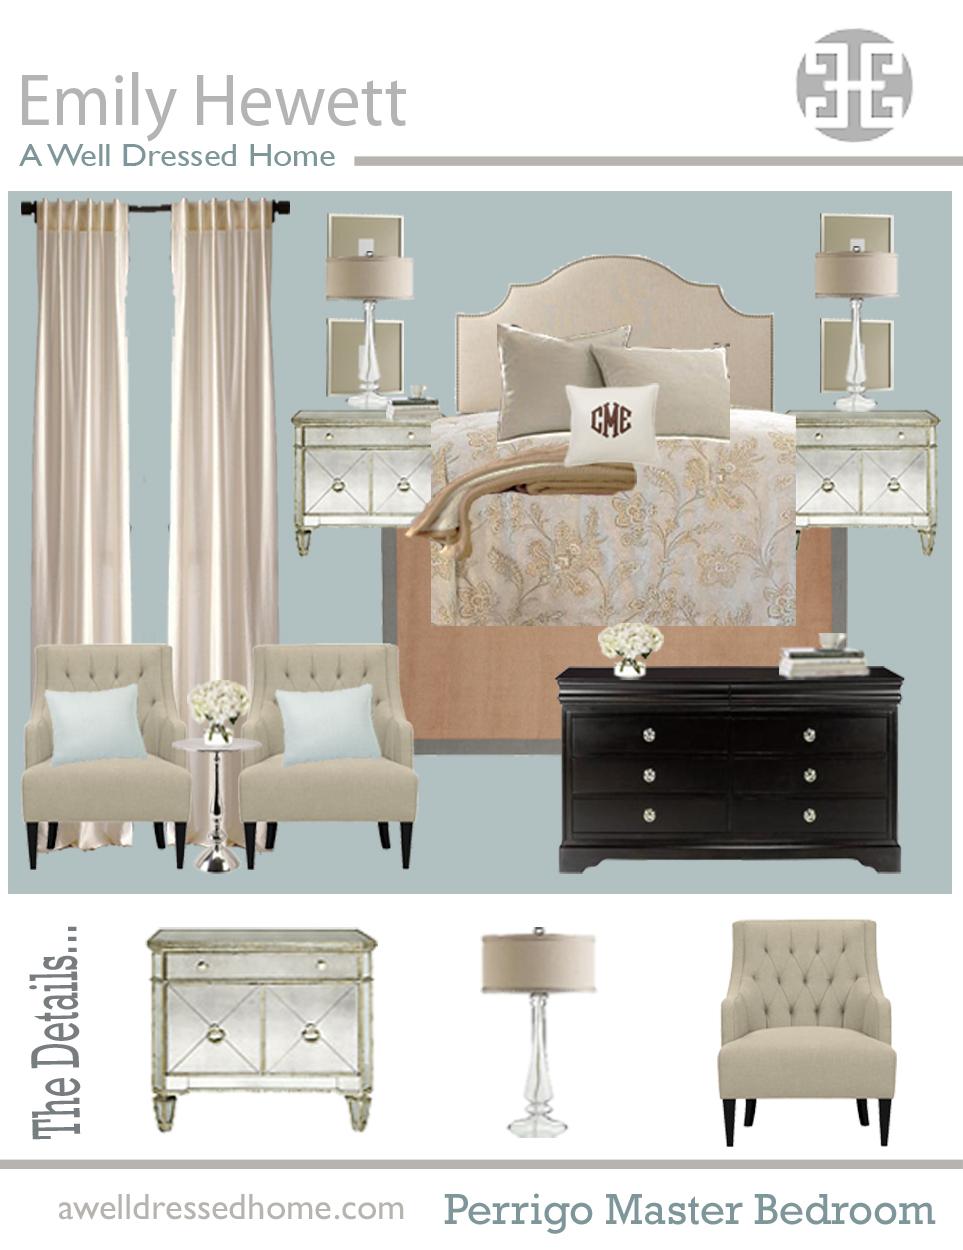 Perrigo Master Bedroom Design Board